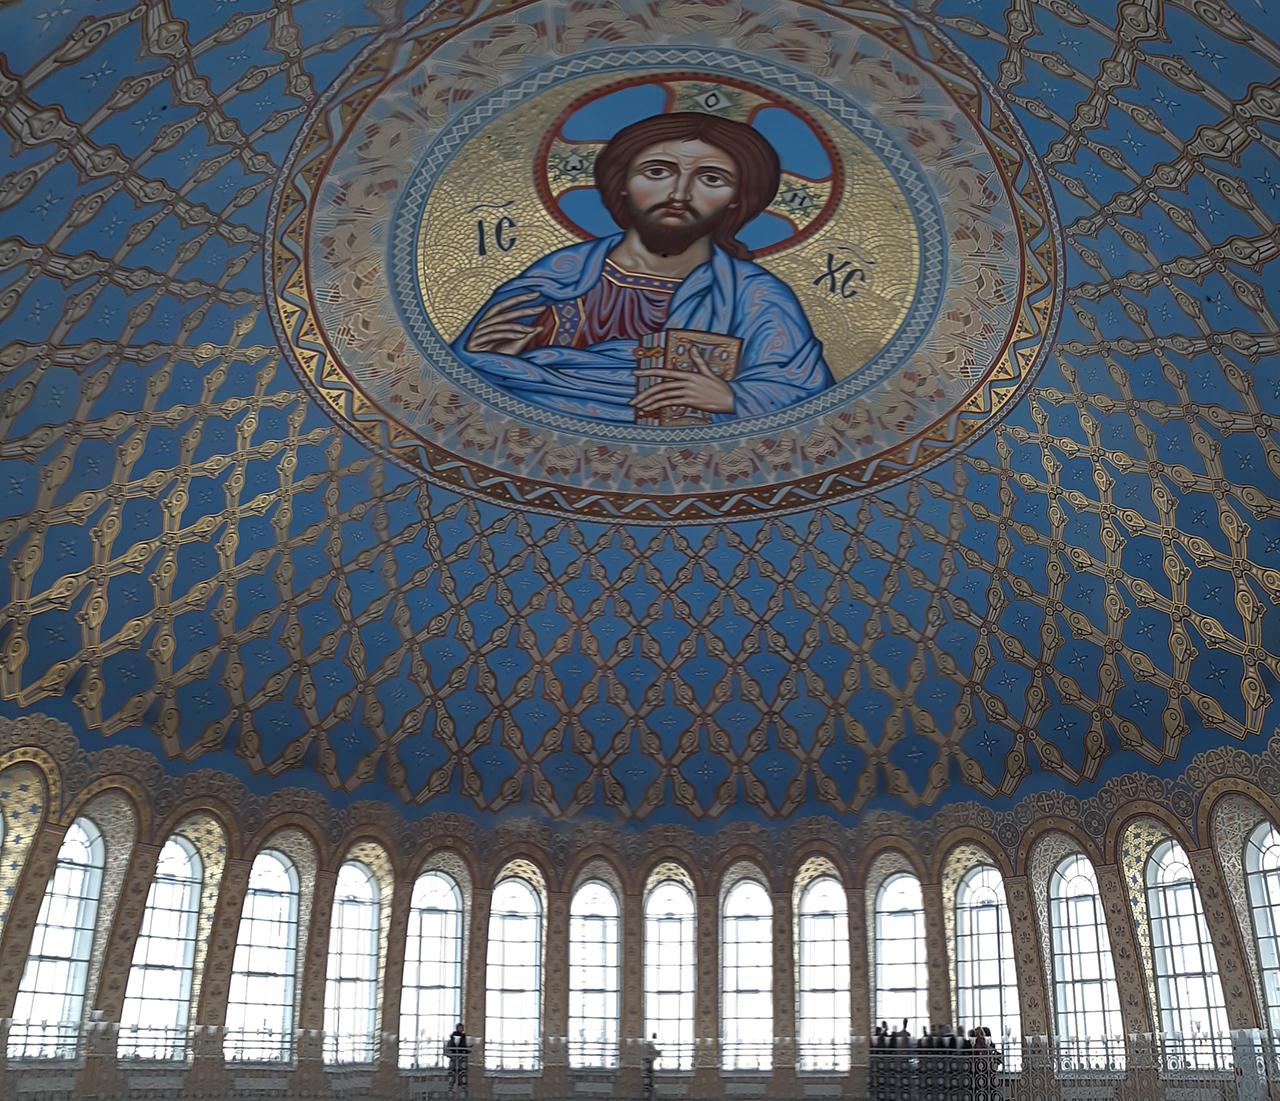 Купол Кронштадтского Морского собора с изображением Хреста Пантократора.